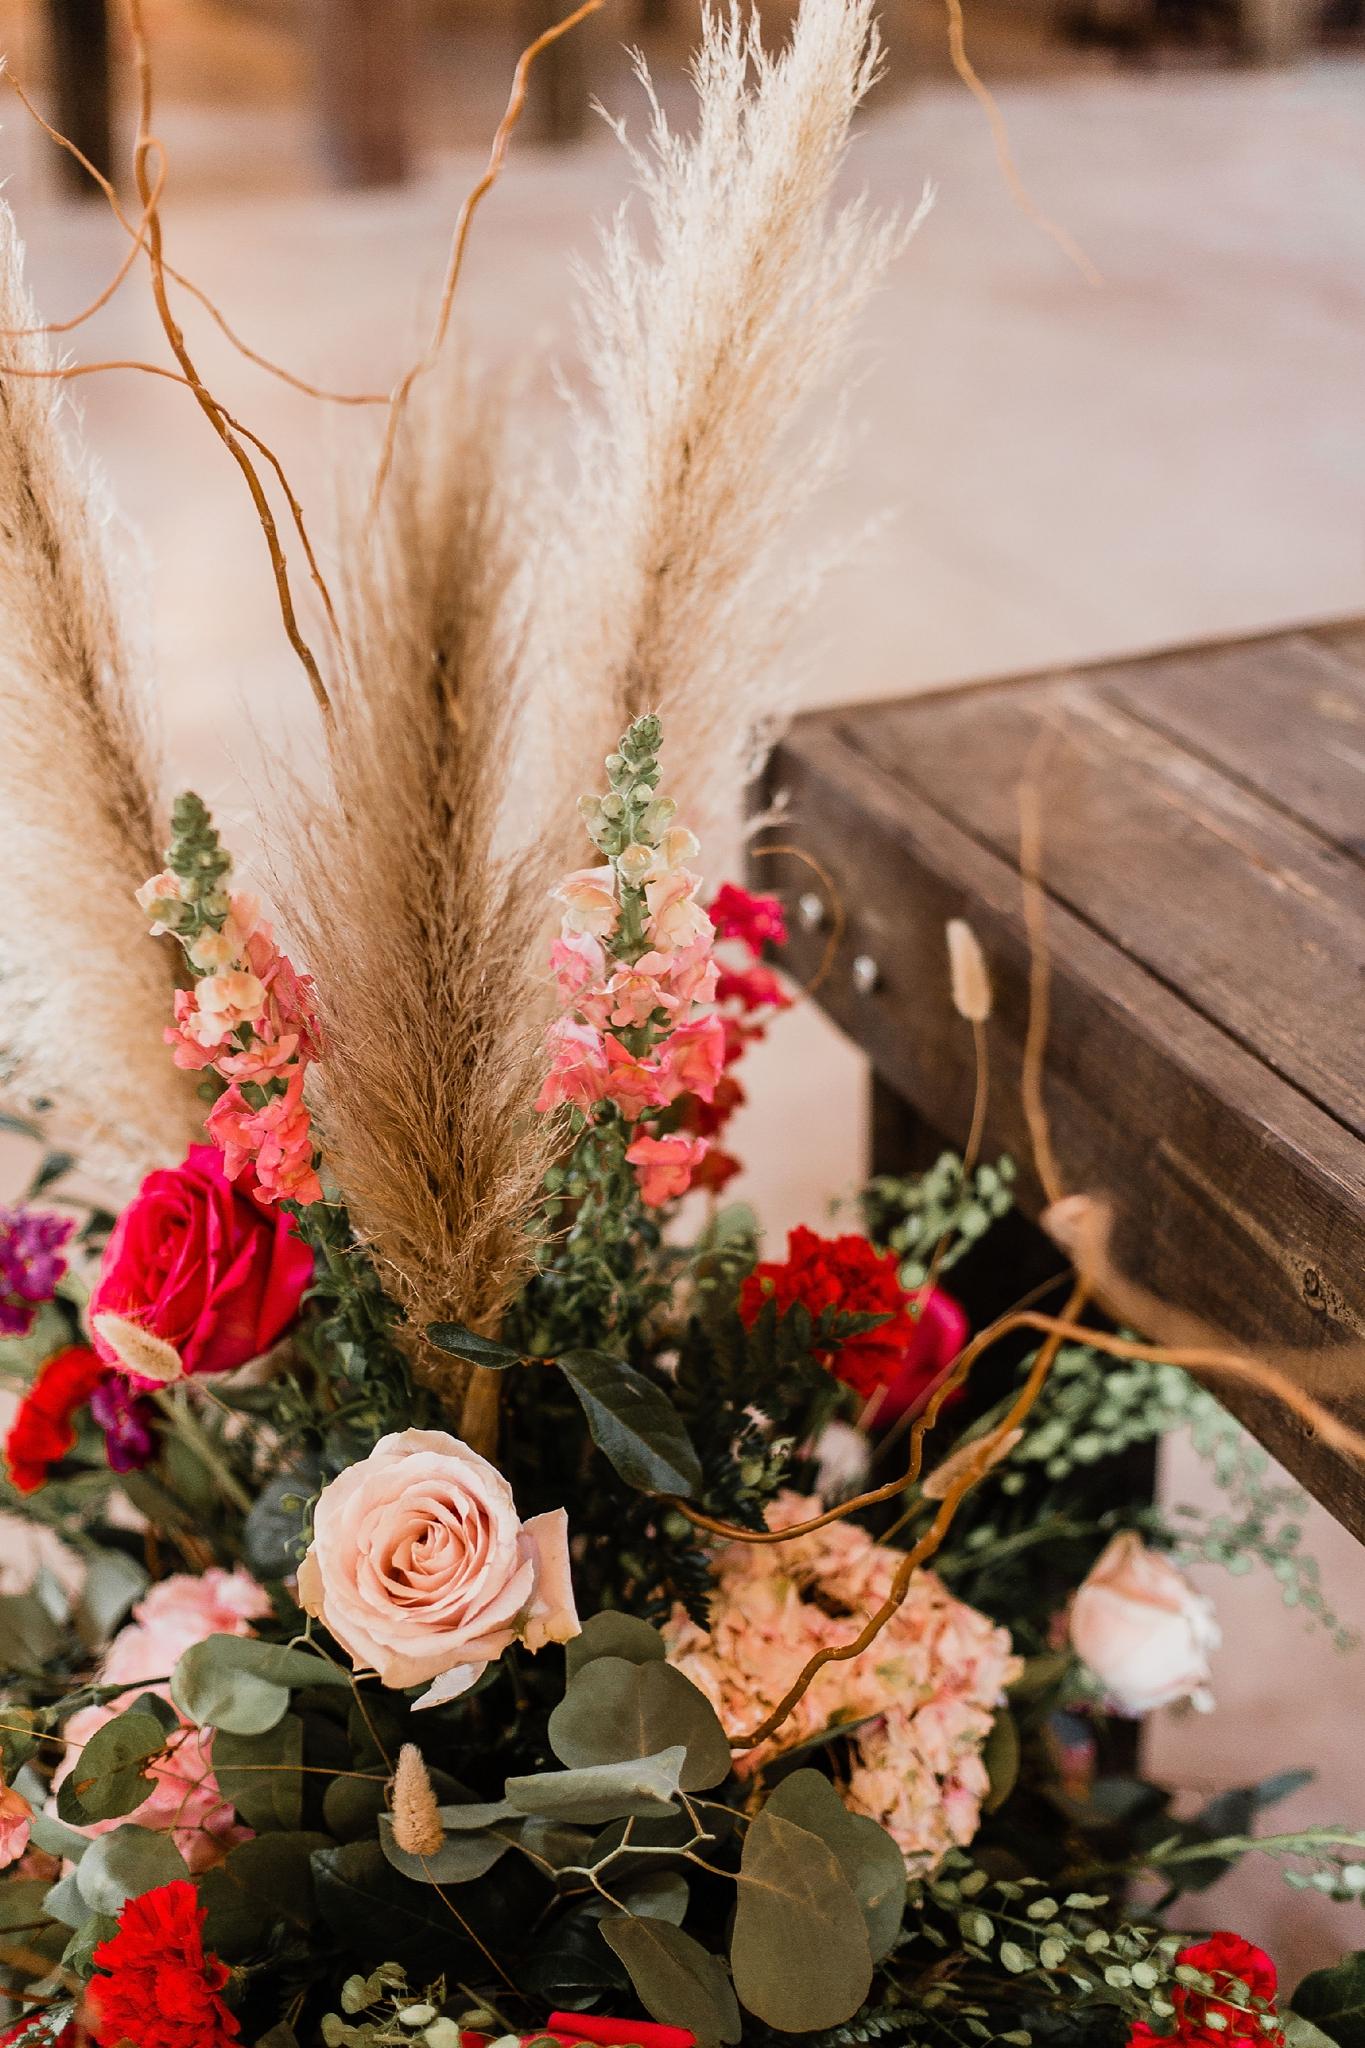 Alicia+lucia+photography+-+albuquerque+wedding+photographer+-+santa+fe+wedding+photography+-+new+mexico+wedding+photographer+-+new+mexico+wedding+-+new+mexico+wedding+-+wedding+florals+-+desert+wedding+-+wedding+trends_0078.jpg